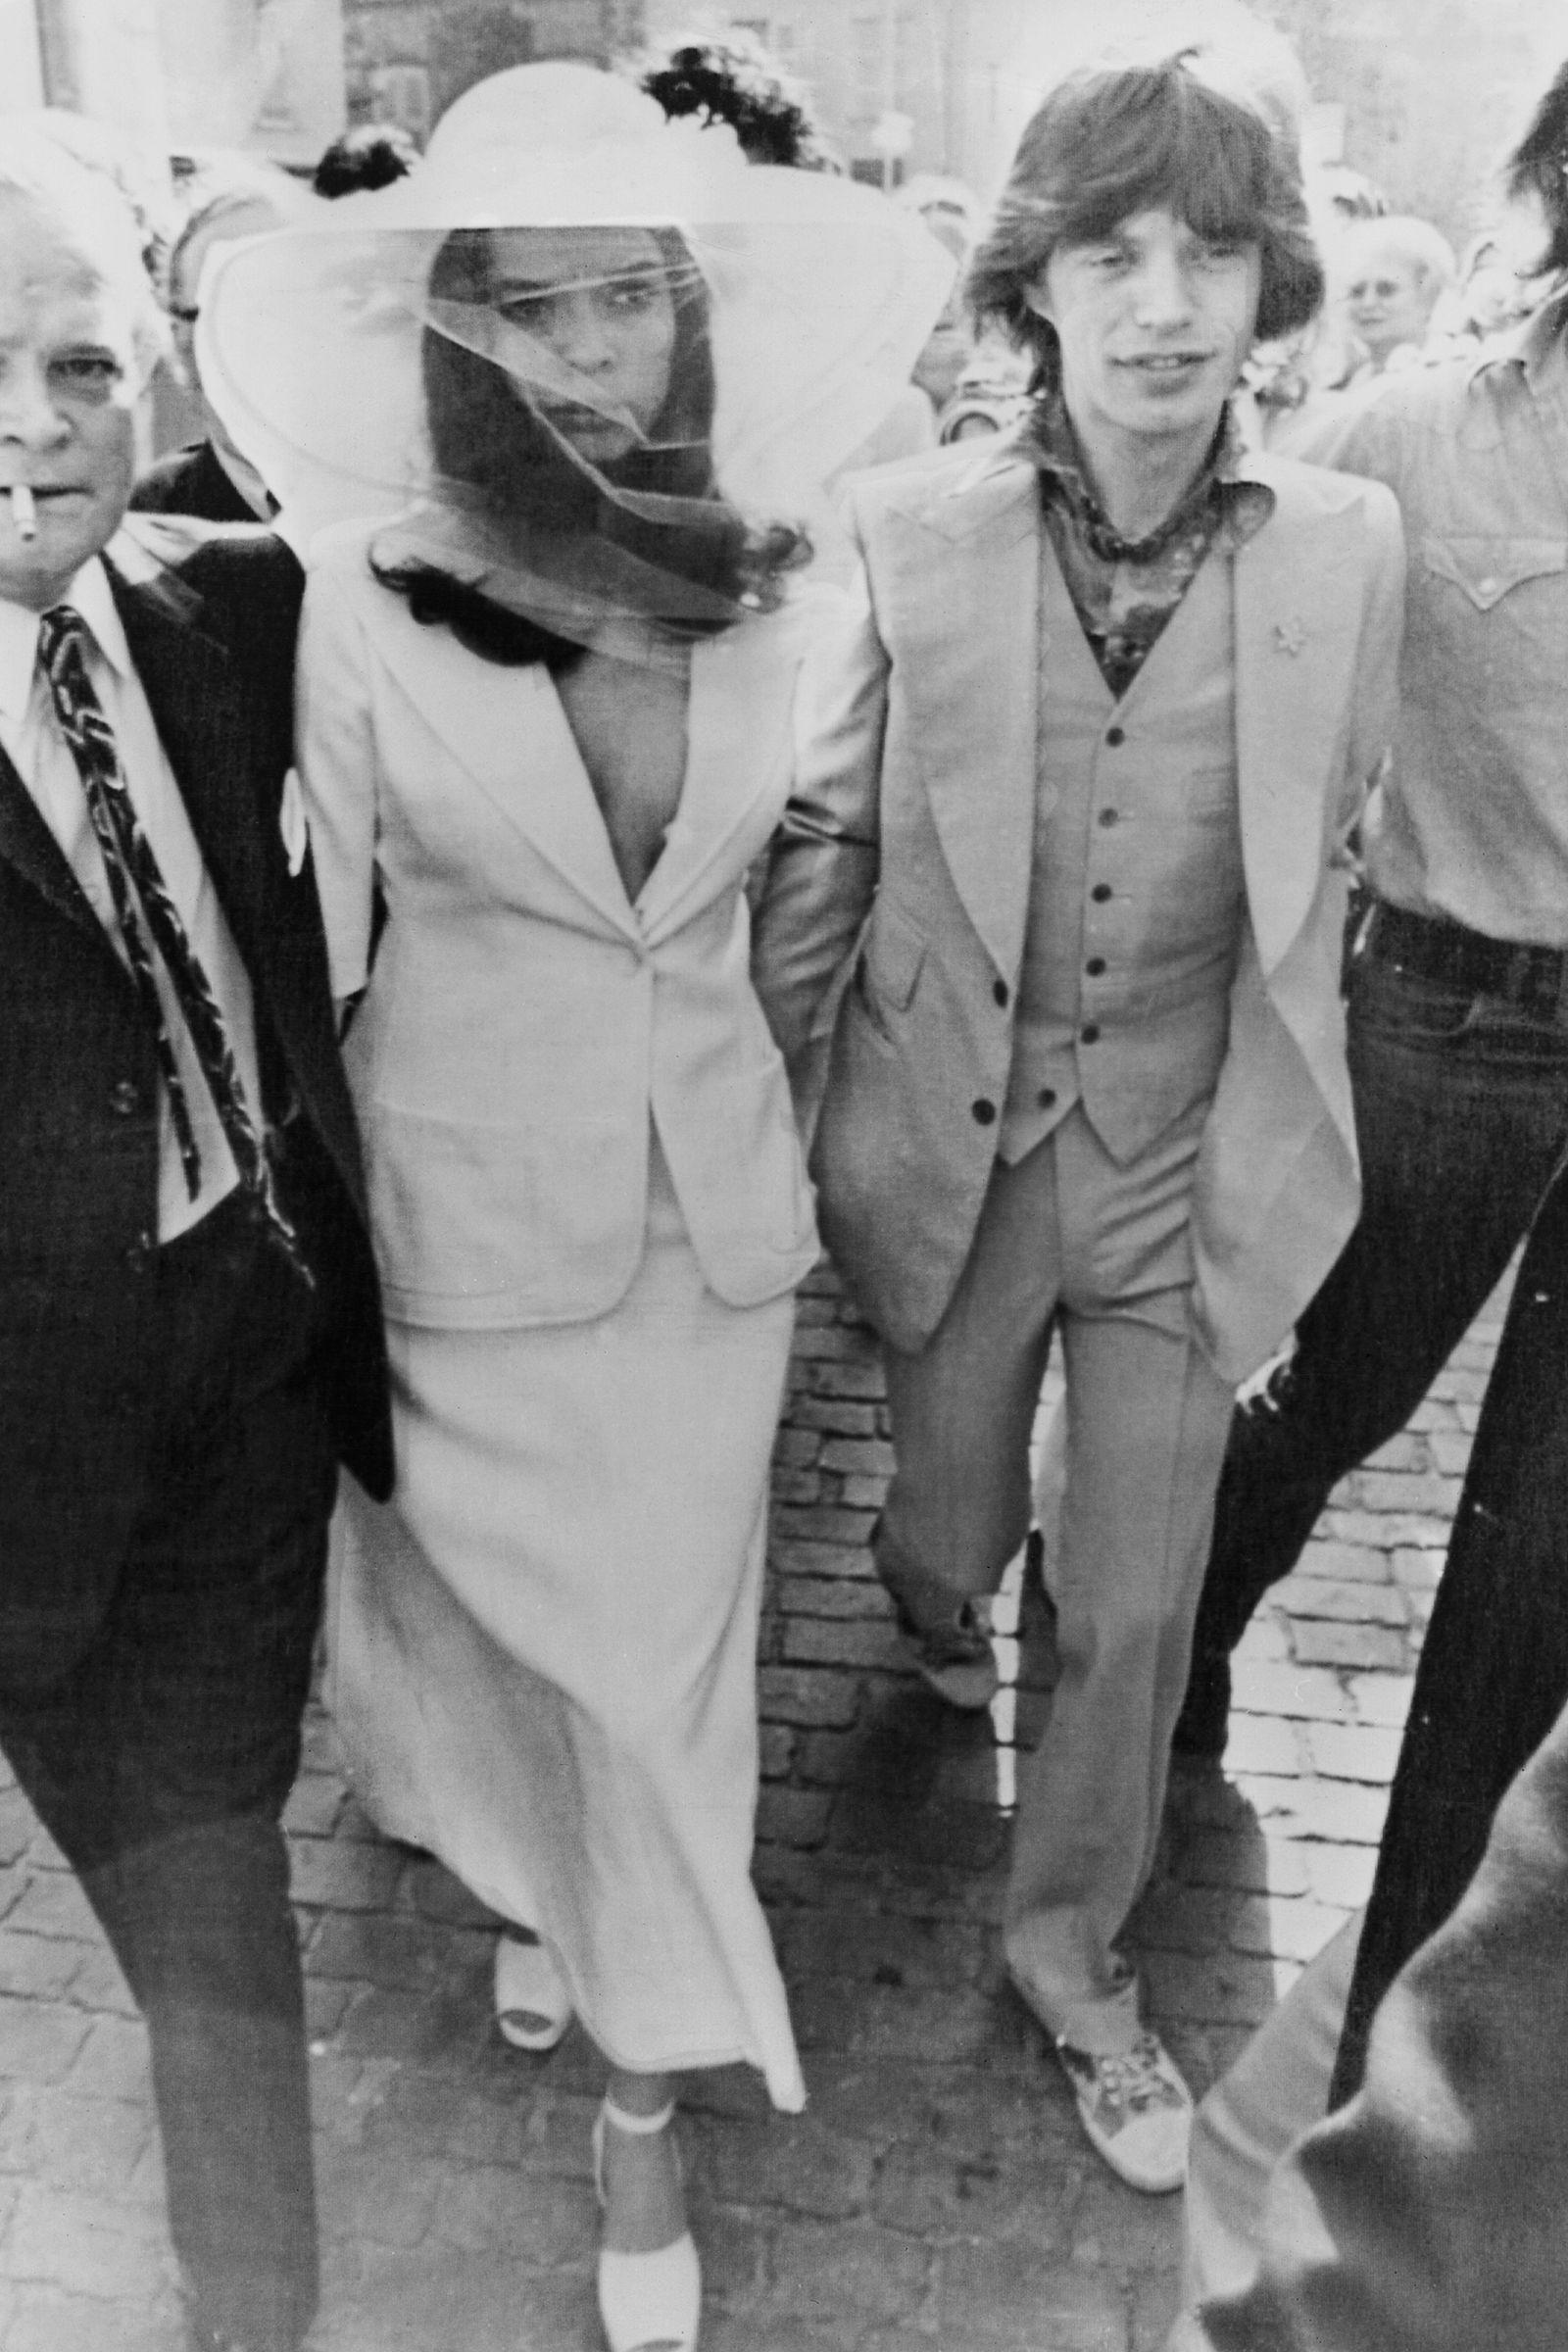 váy cưới dạng âu phục bianca jagger